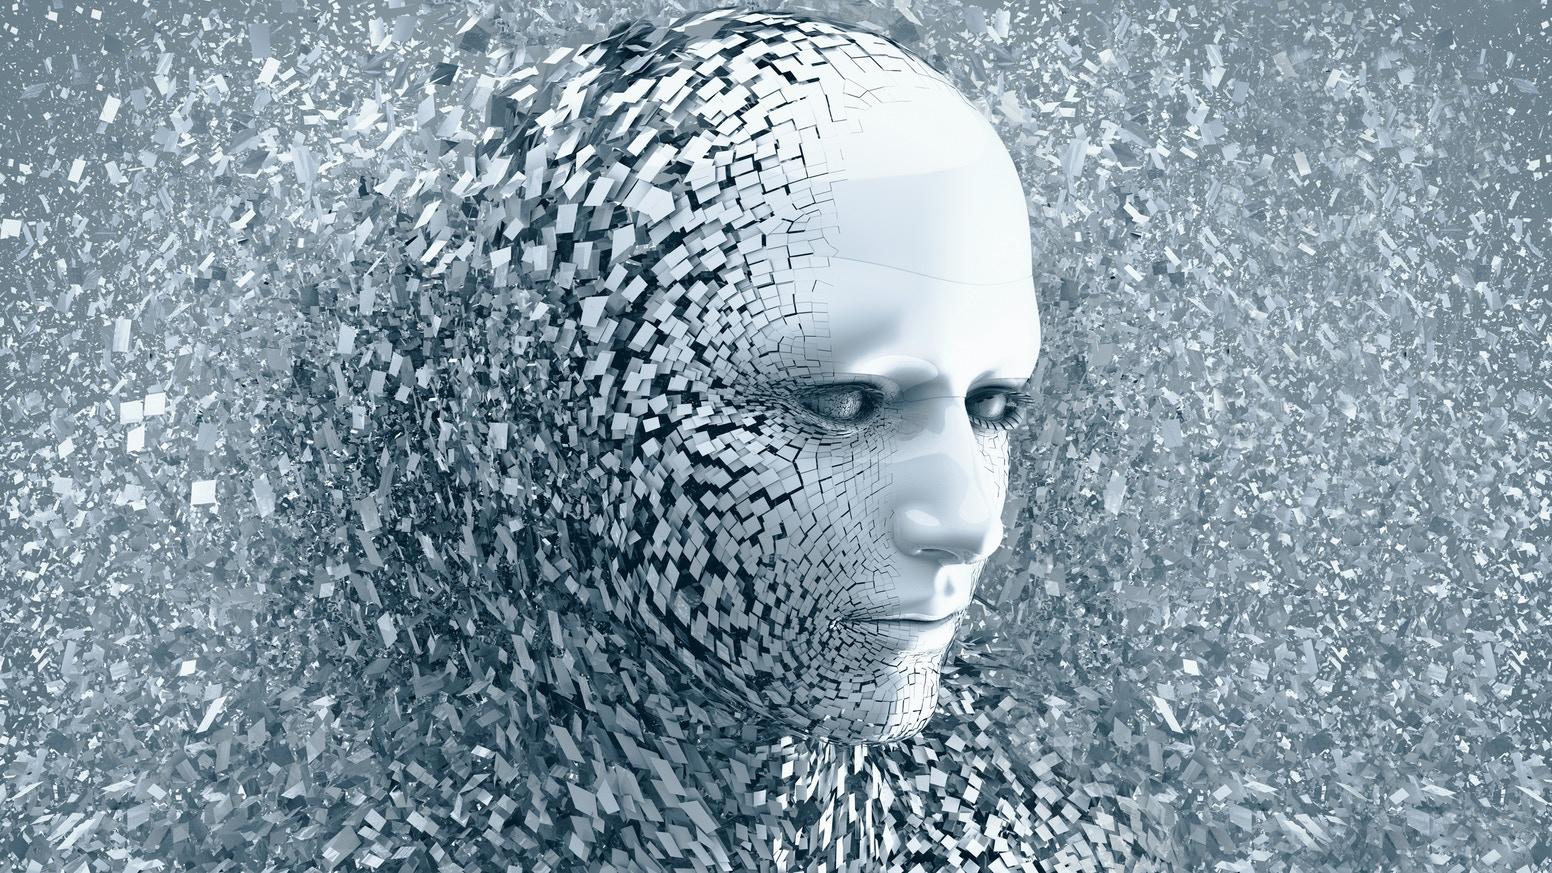 چقدر در مورد هوش مصنوعی اطلاعات داریم؟ آخر نفهمیدیم خطرناکه یا نه!